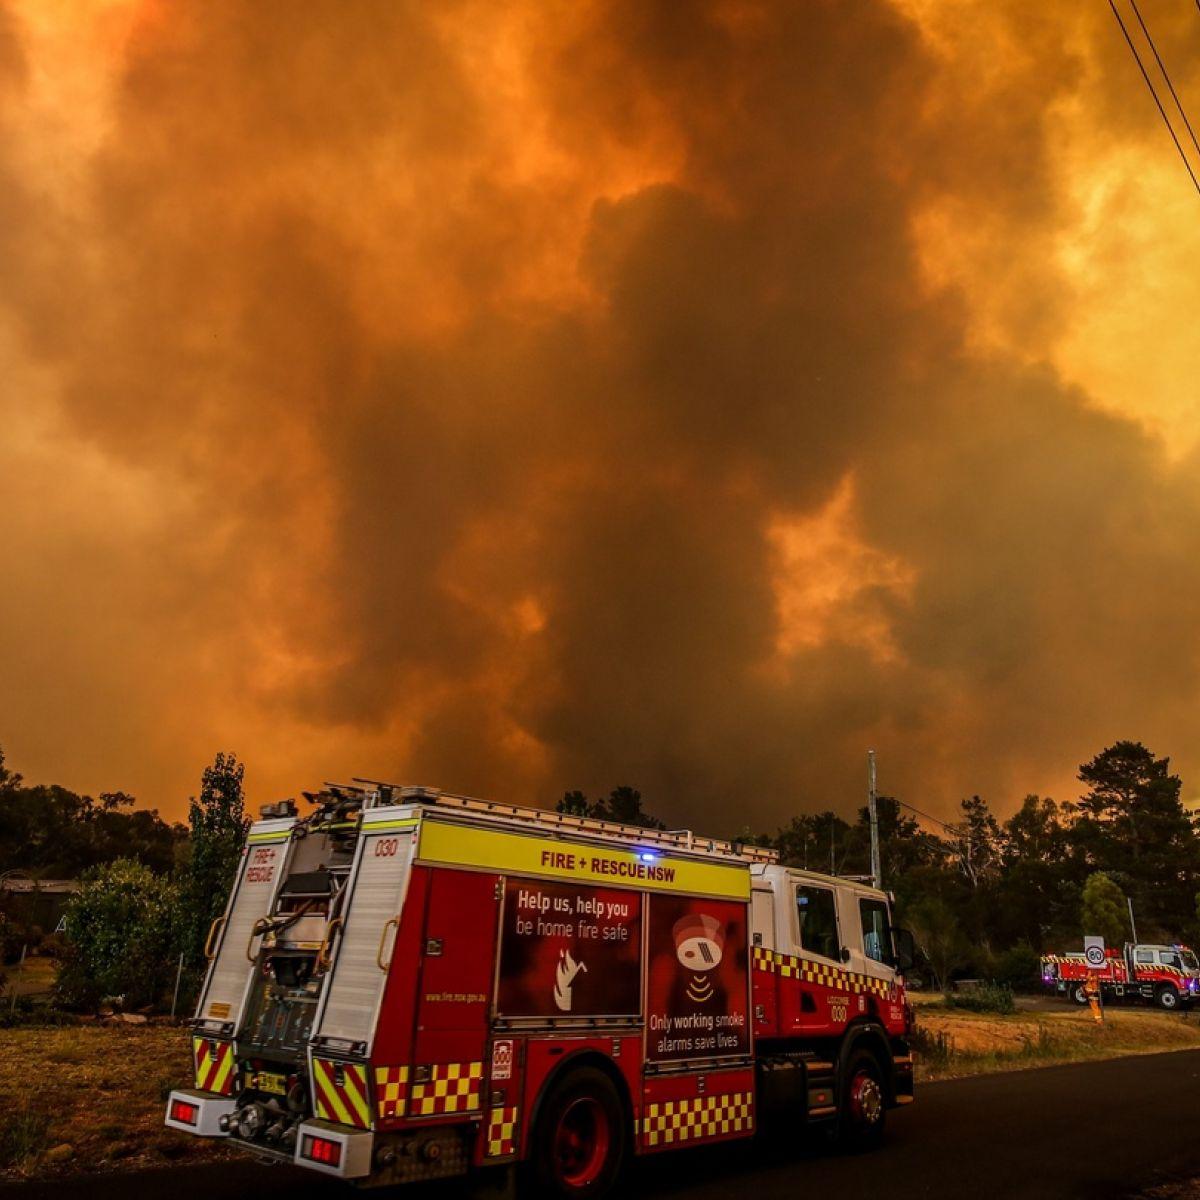 Katastrofalni požar u Australiji Image